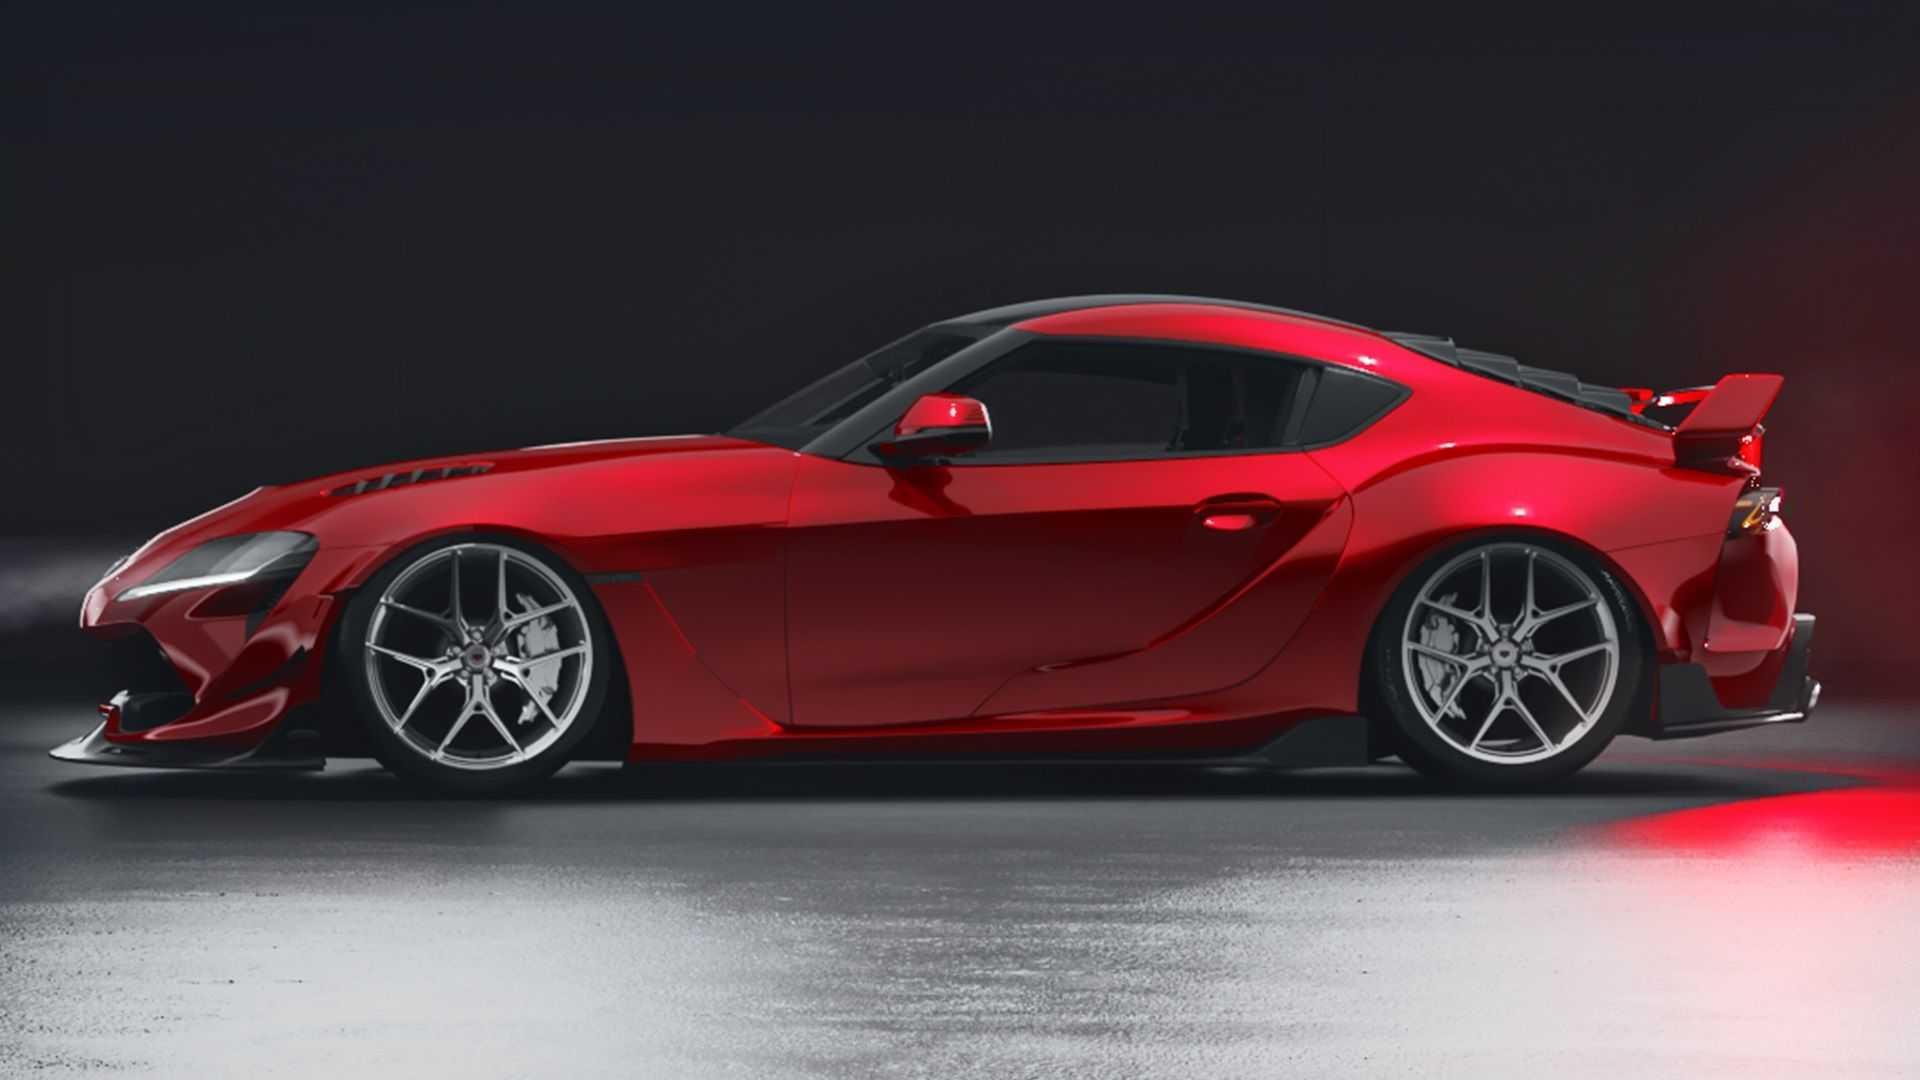 Toyota-Supra-by-Avante-Design-14